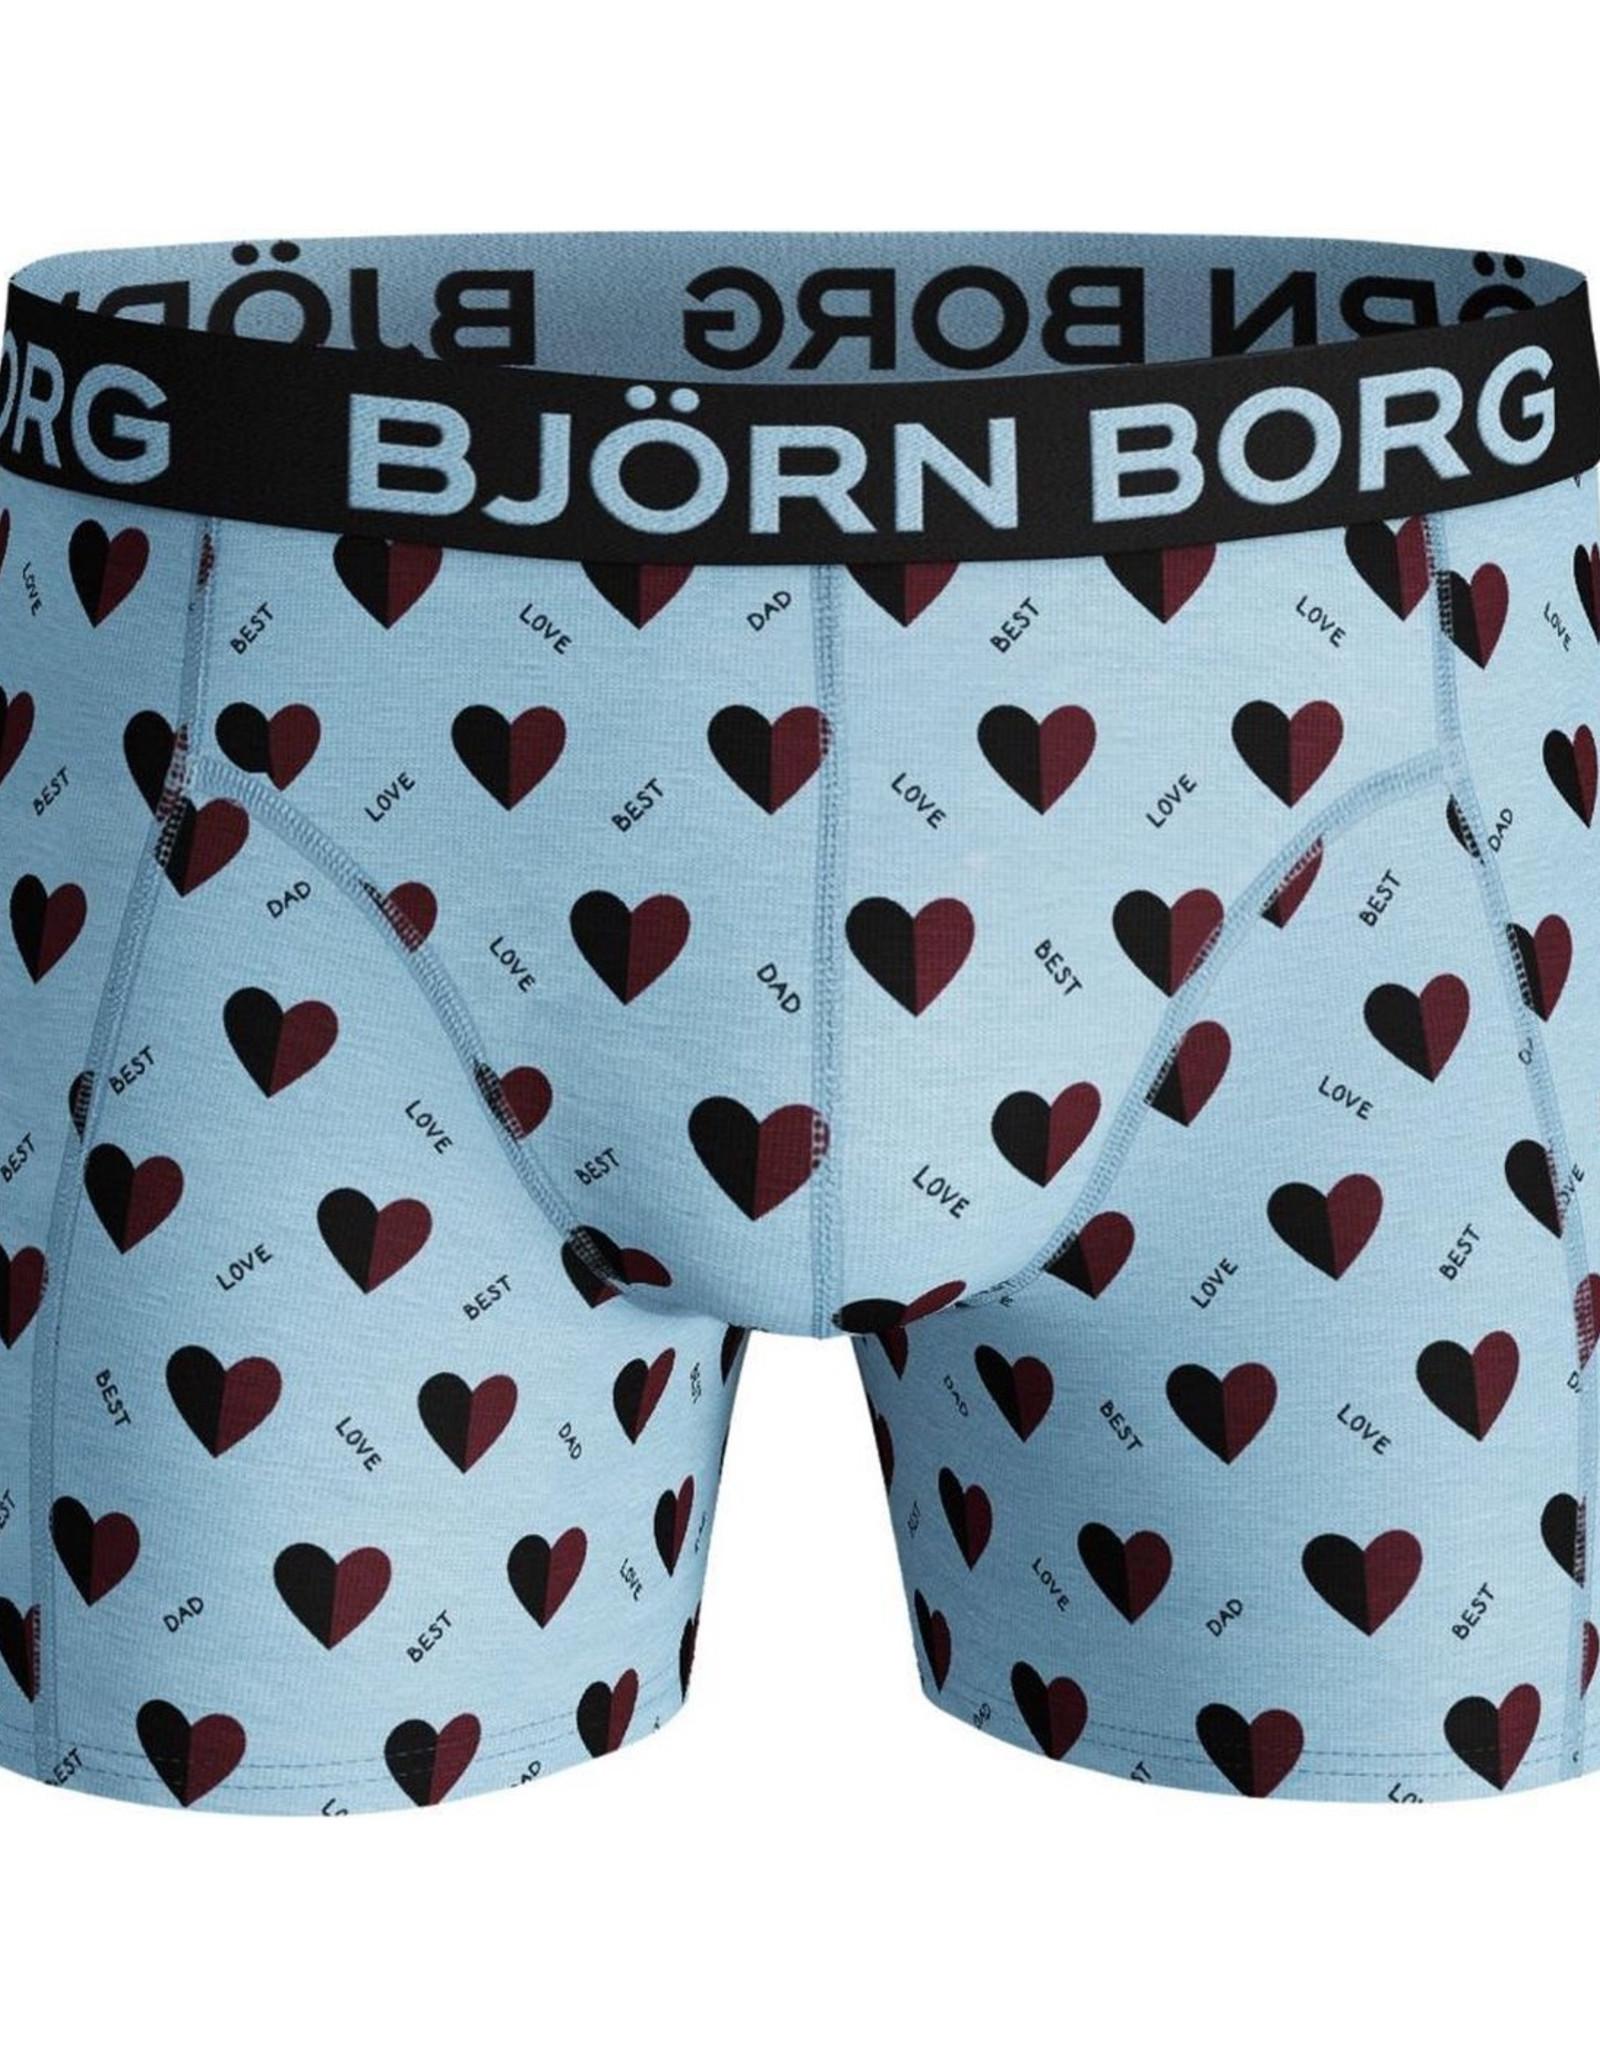 Bjorn Borg Herren Boxershort 151209-105031